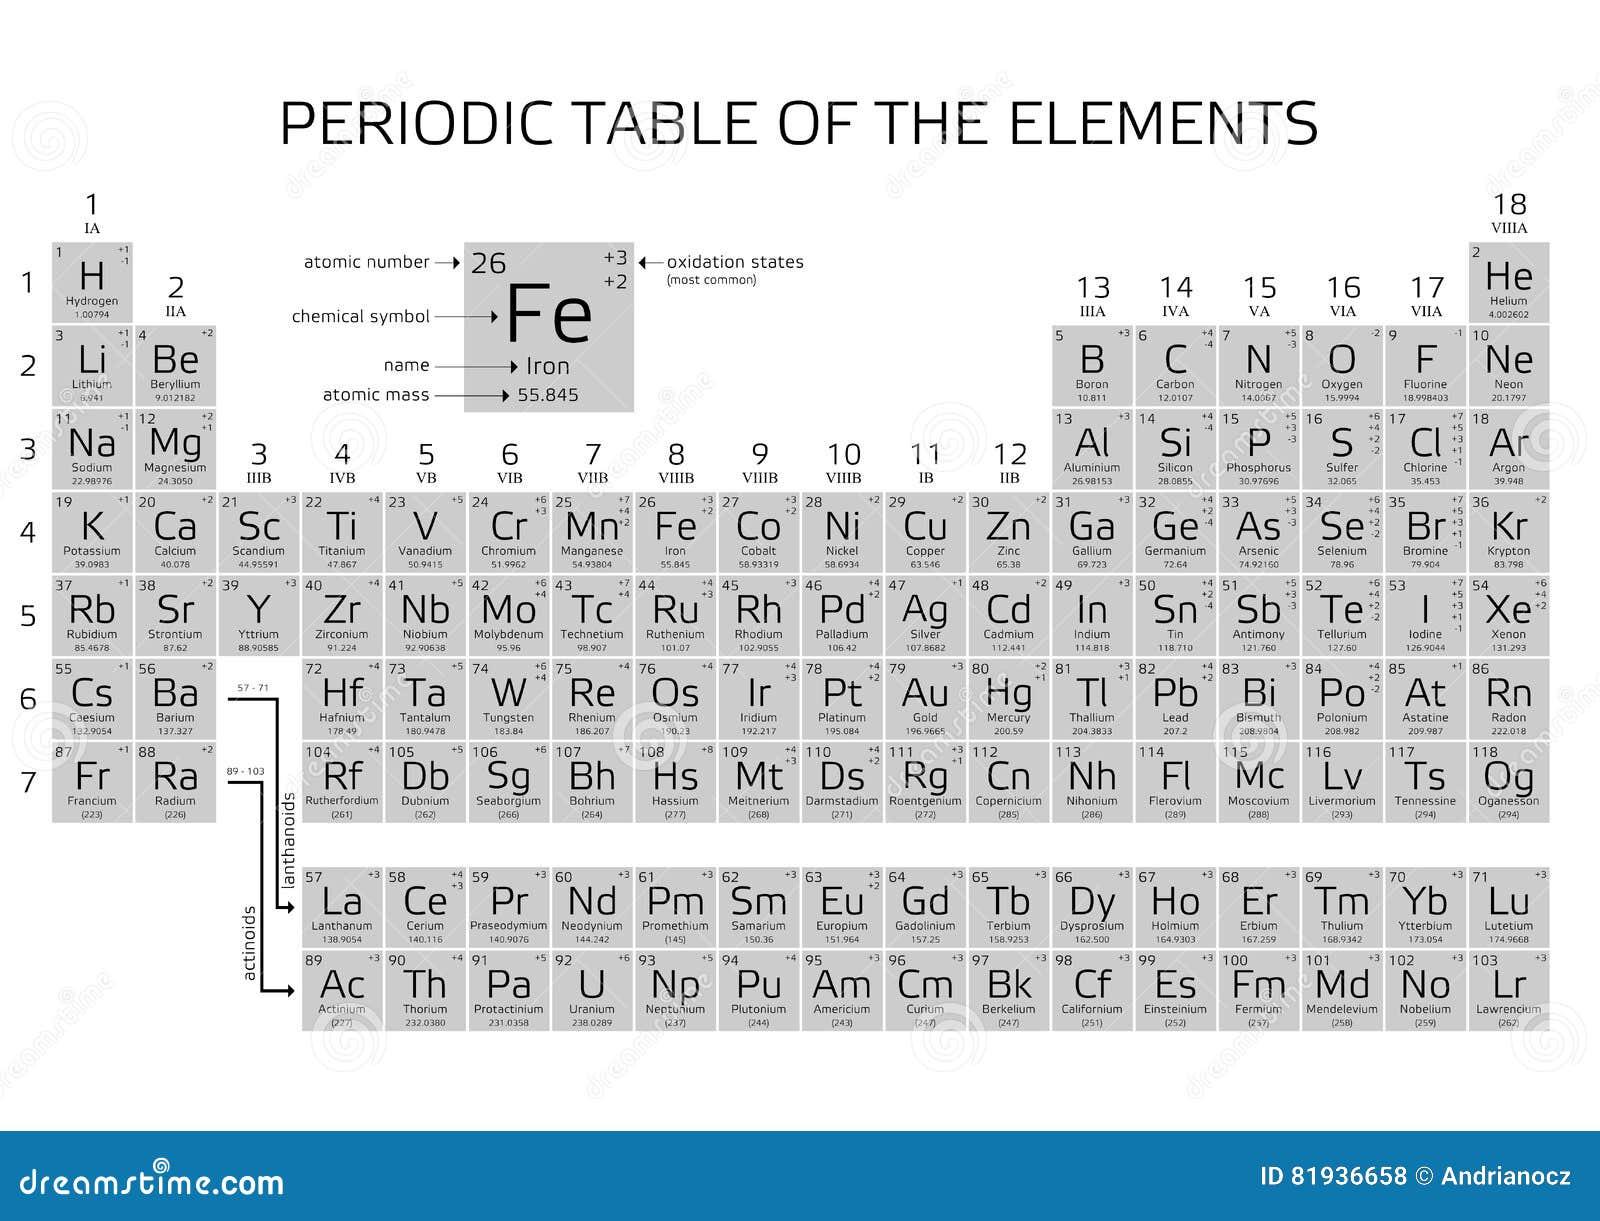 Tavola periodica degli elementi del s di mendeleev con i nuovi elementi 2016 illustrazione di - Tavola periodica di mendeleev ...